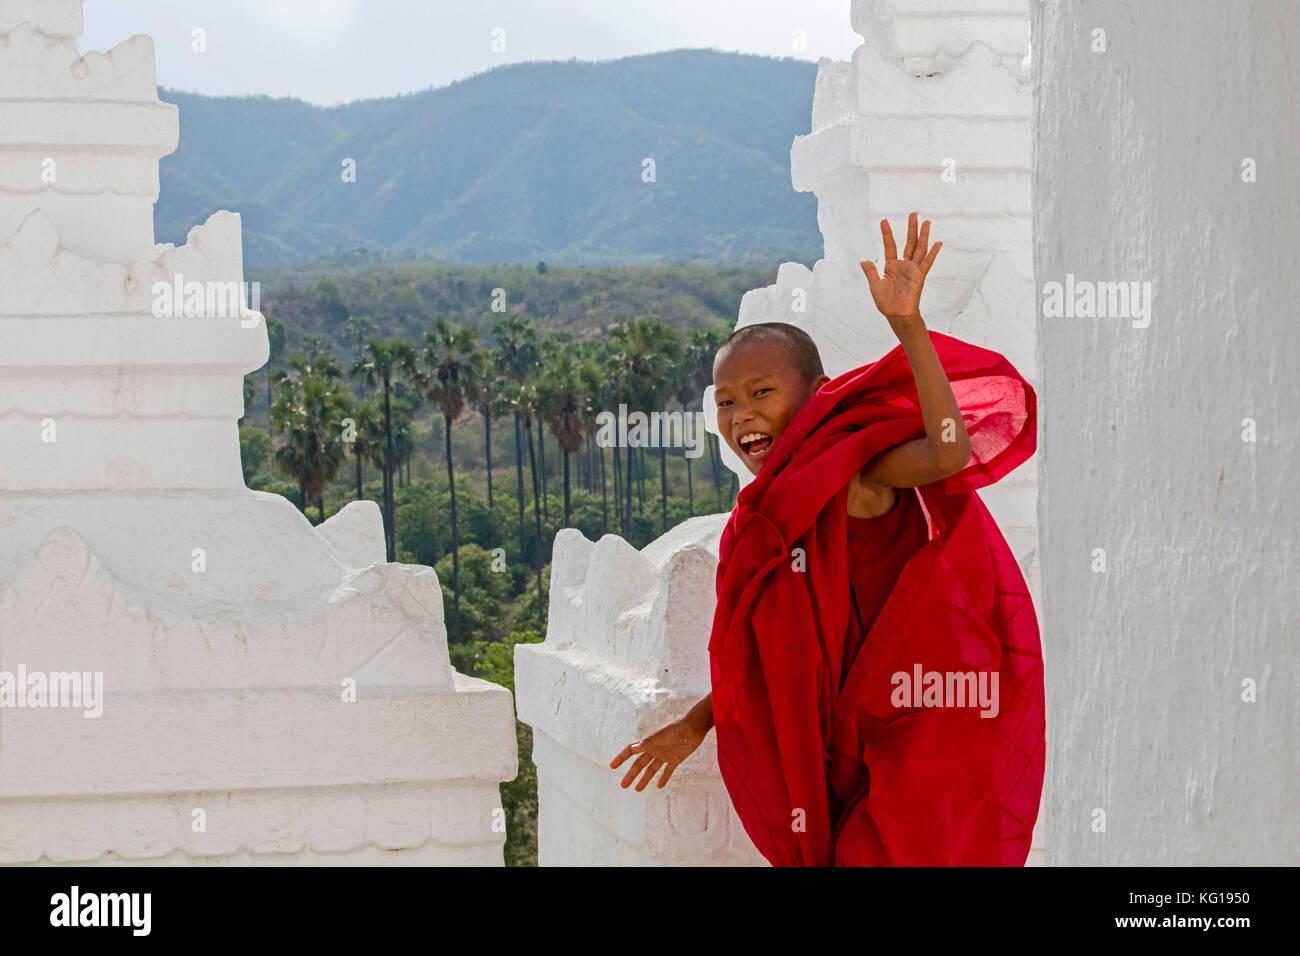 Felice monaco novizio sorridente nella pagoda hsinbyume / pagoda myatheindan, tempio di mingun vicino a mandalay Immagini Stock